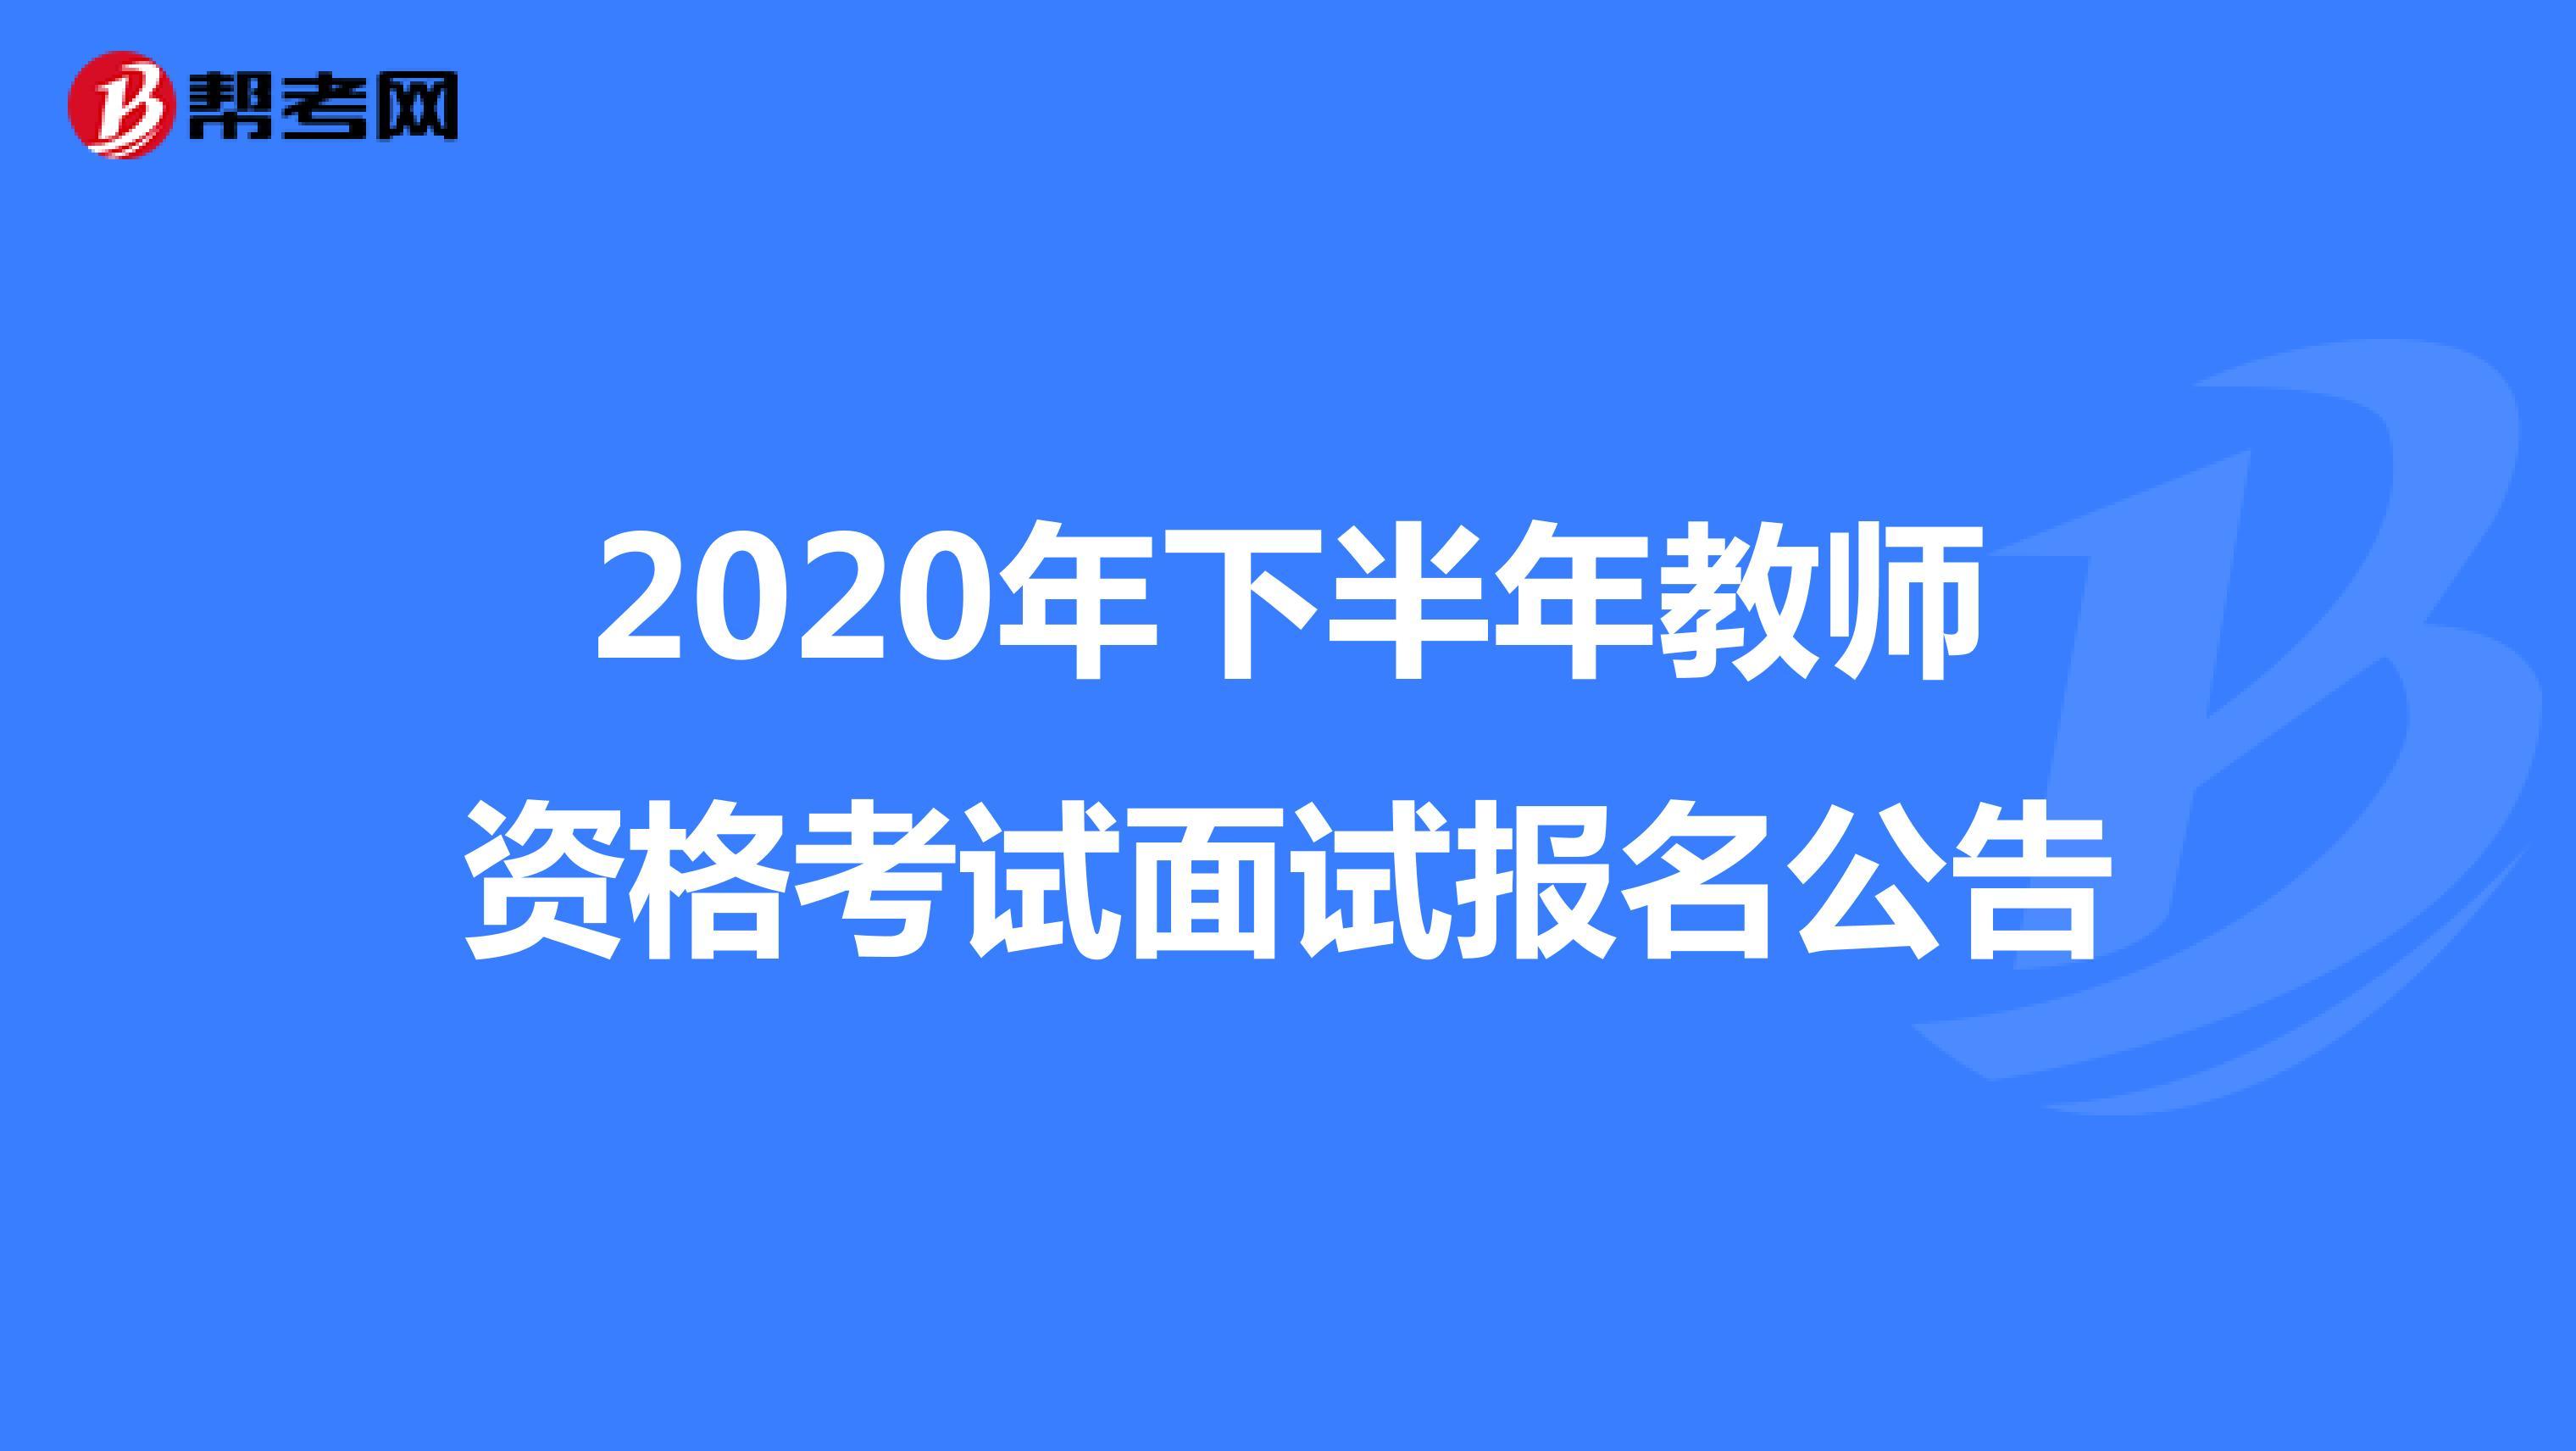 2020年下半年教師資格考試面試報名公告